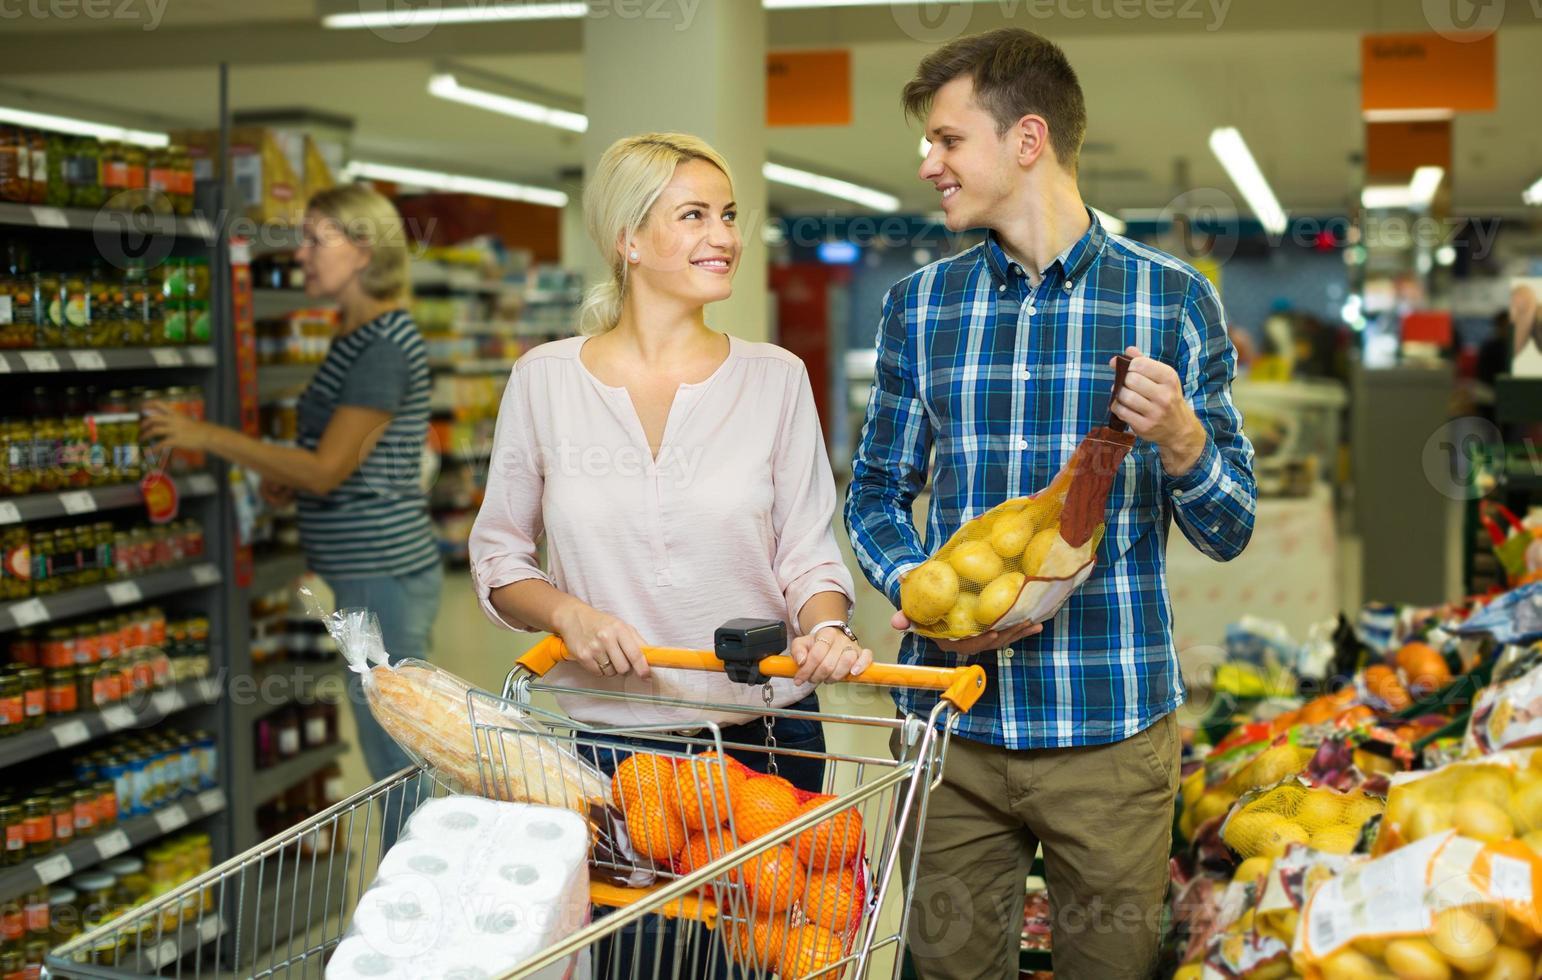 familia comprando frutas dulces foto